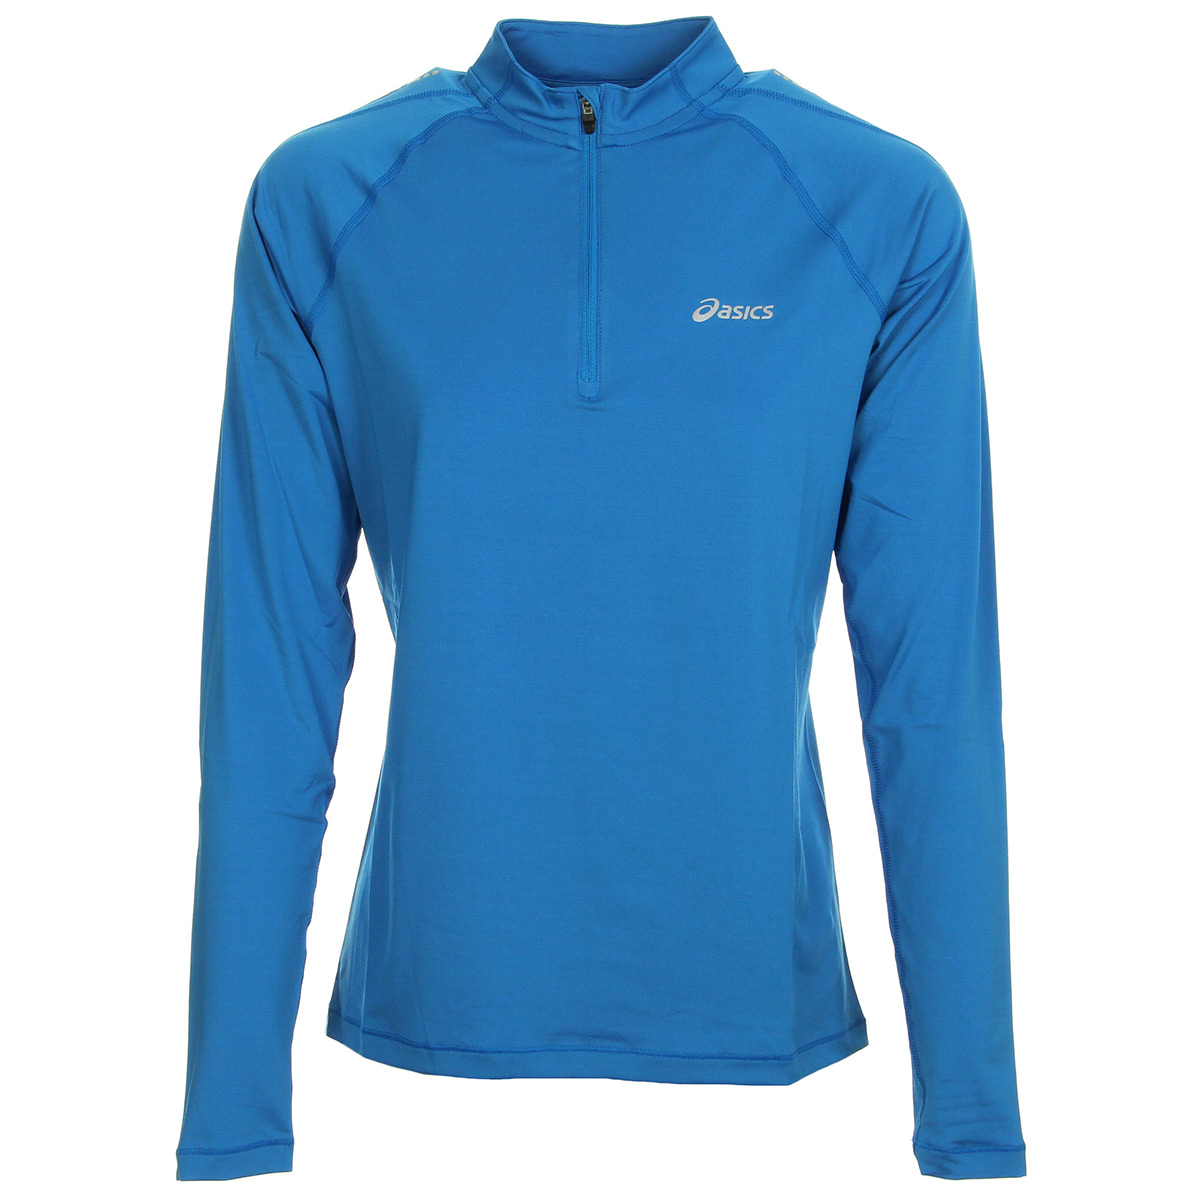 Asics T shirt Ls 12 Zip manches longues bleu ciel femme